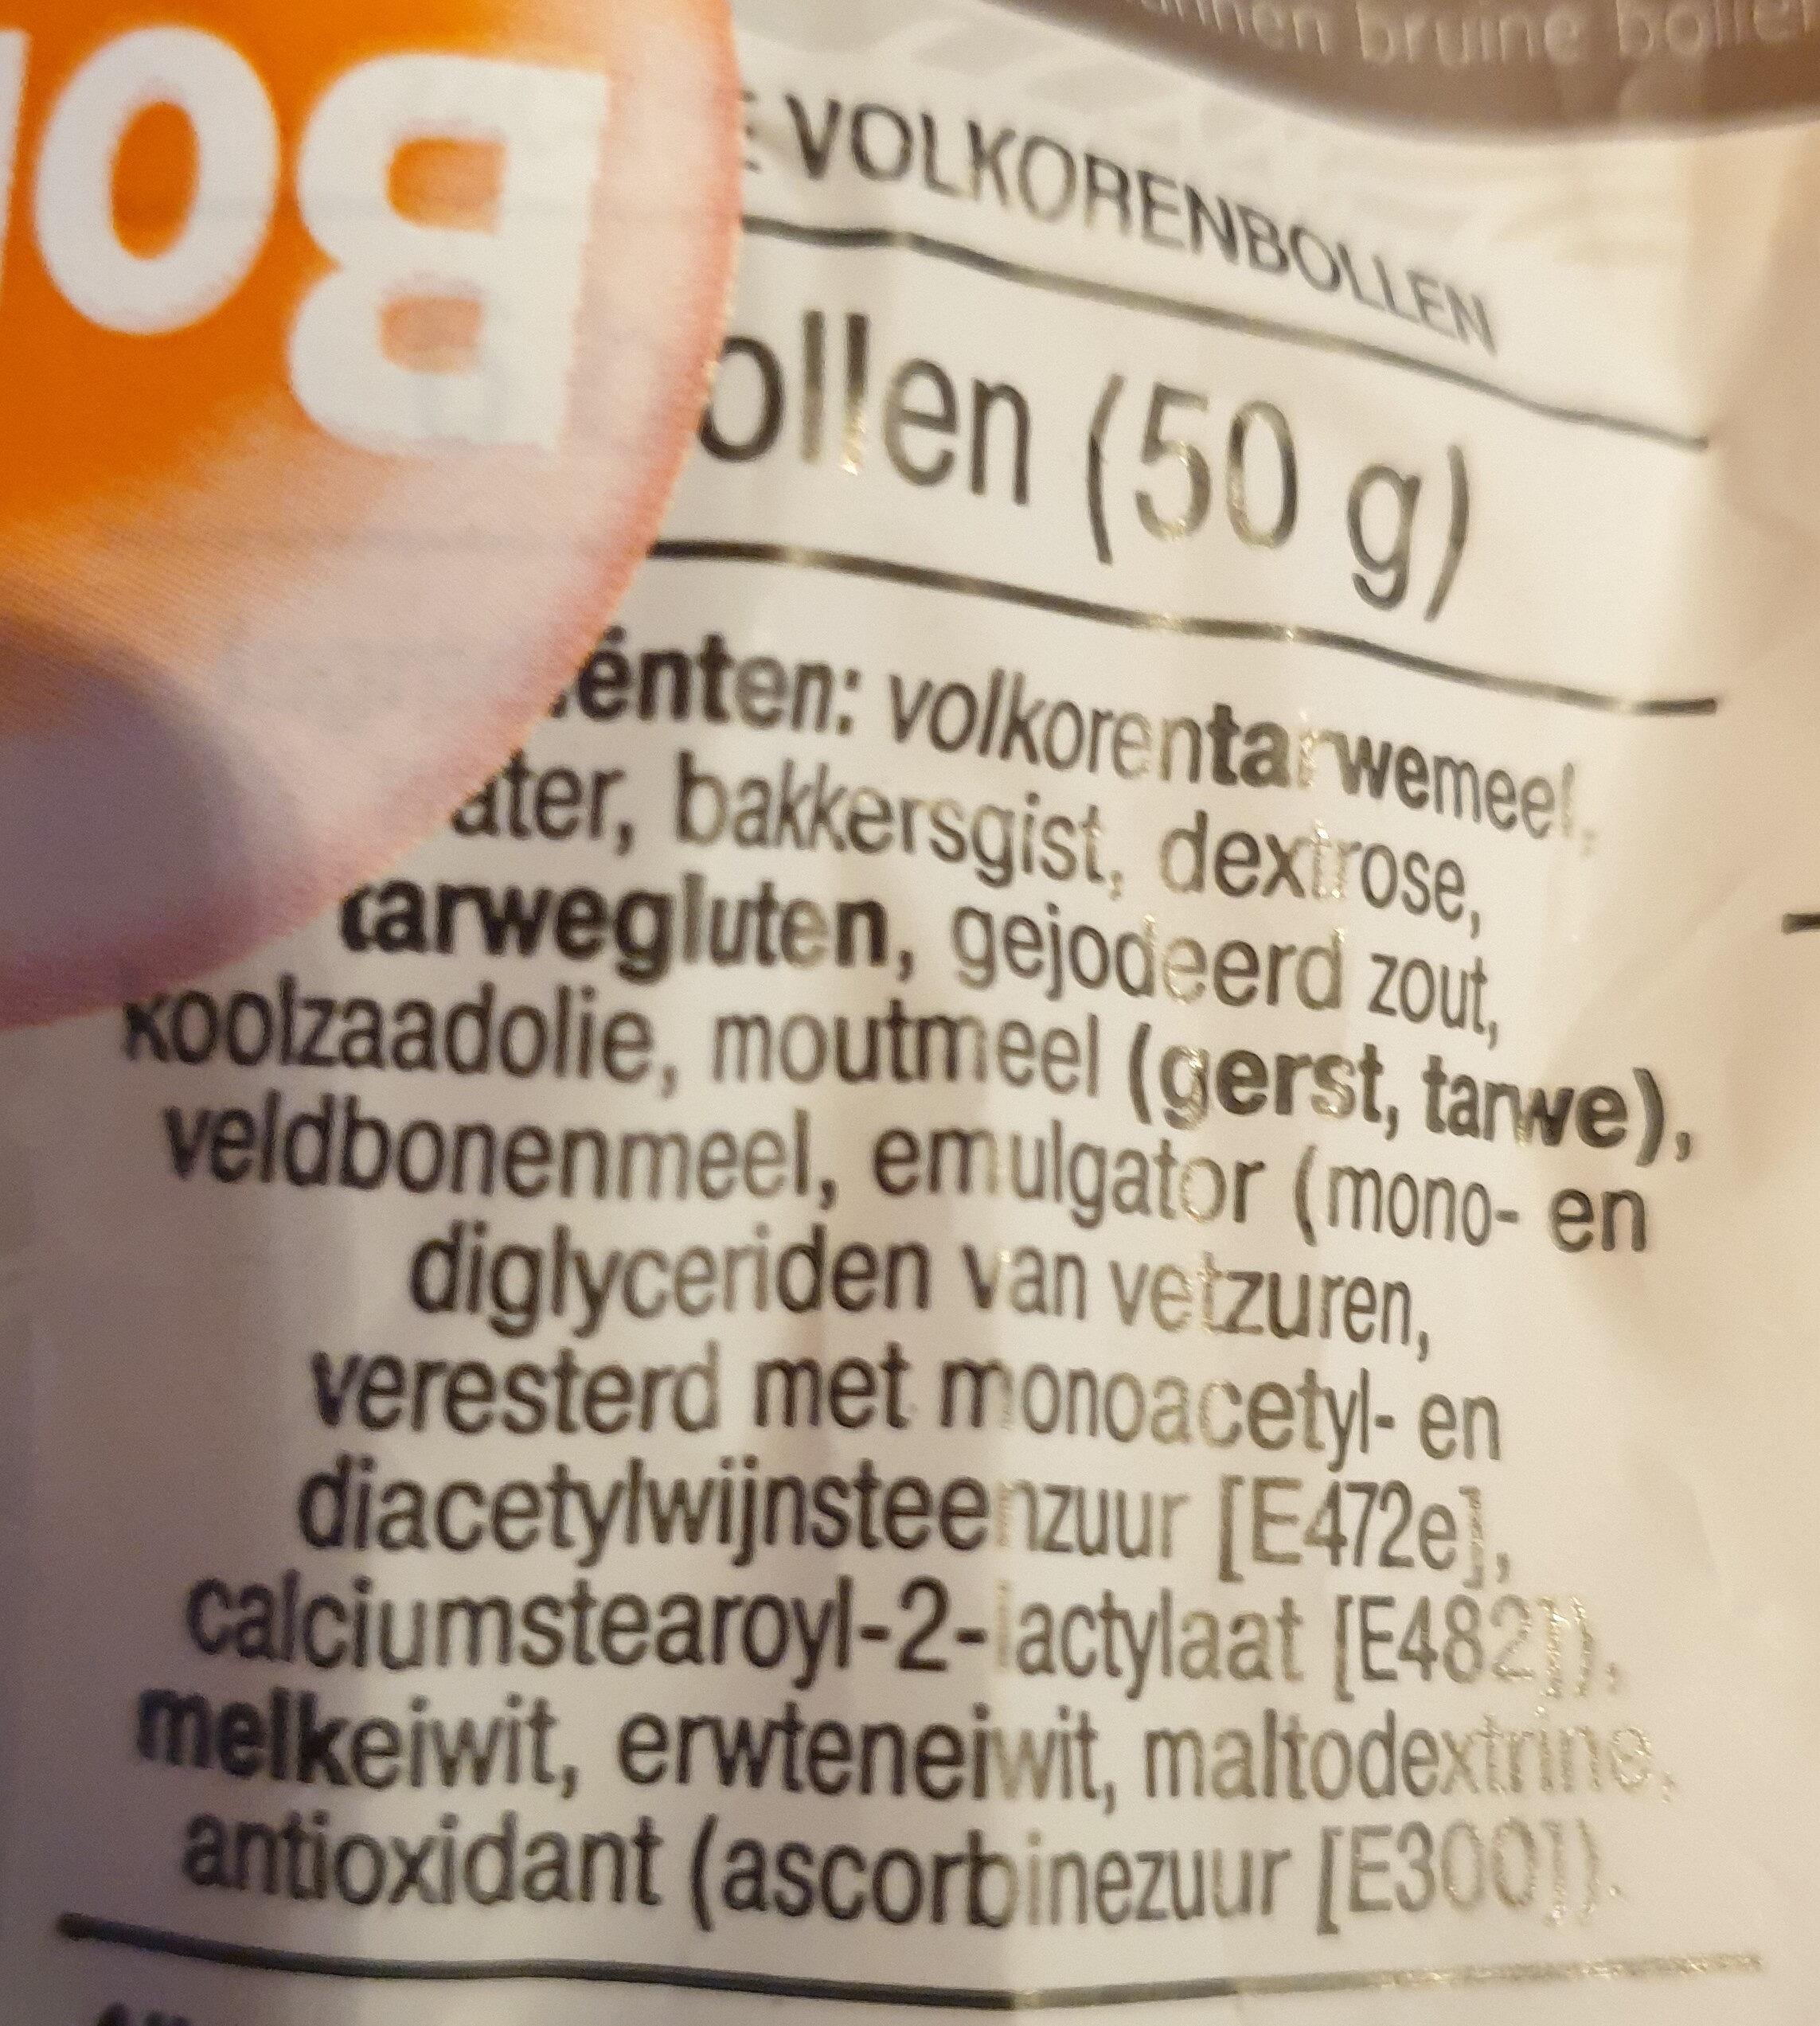 Zacht Volkorenbollen - Ingrédients - nl